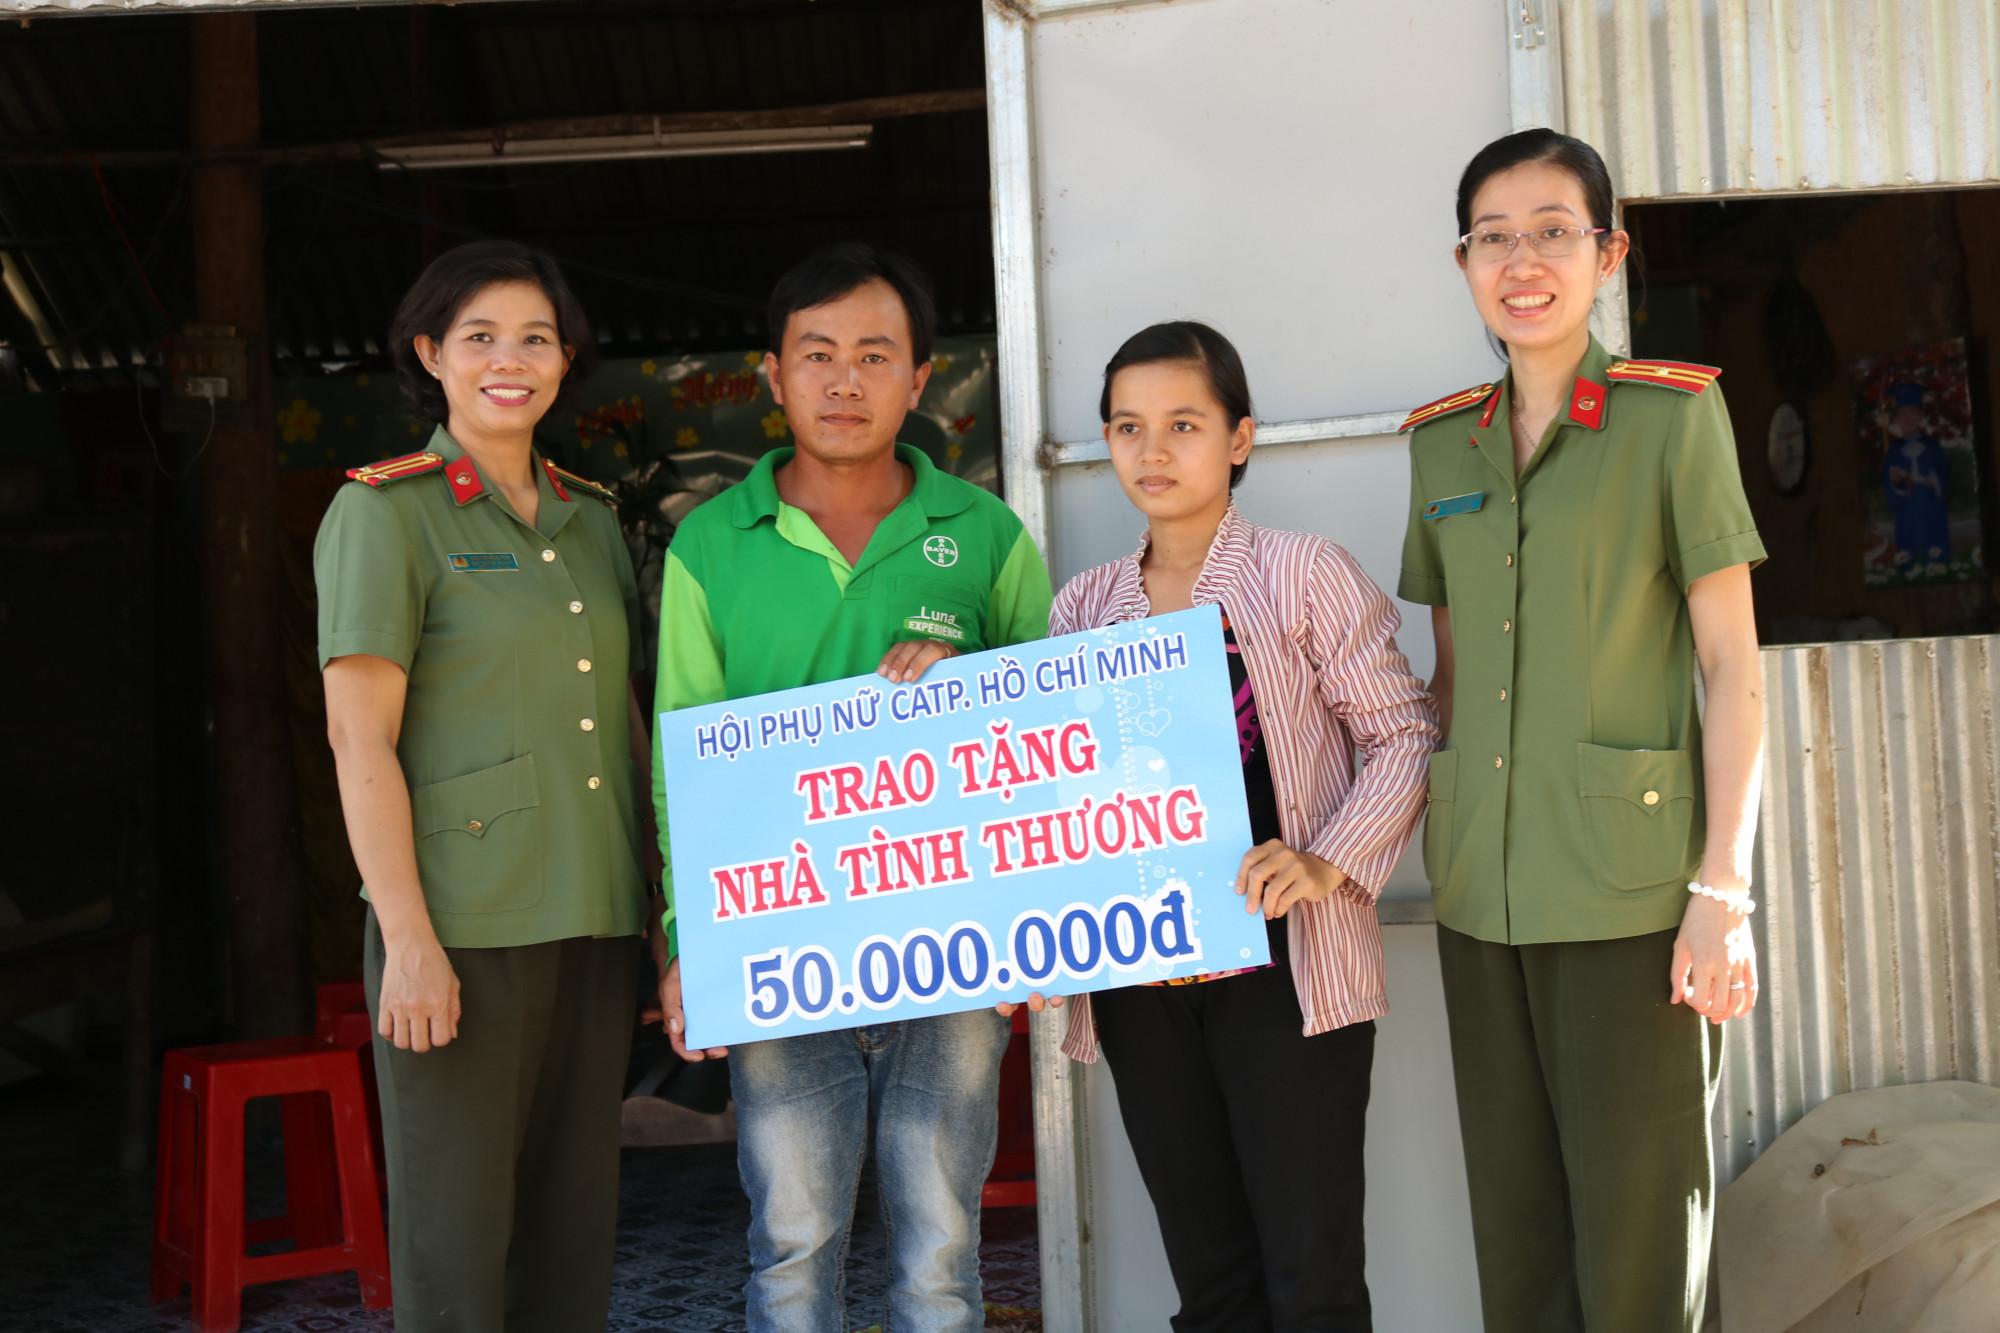 Vợ chồng anh Huy nhận bảng tượng trưng kinh phí do Hội Phụ nữ Công an TP.HCM hỗ trợ để xây nhà.